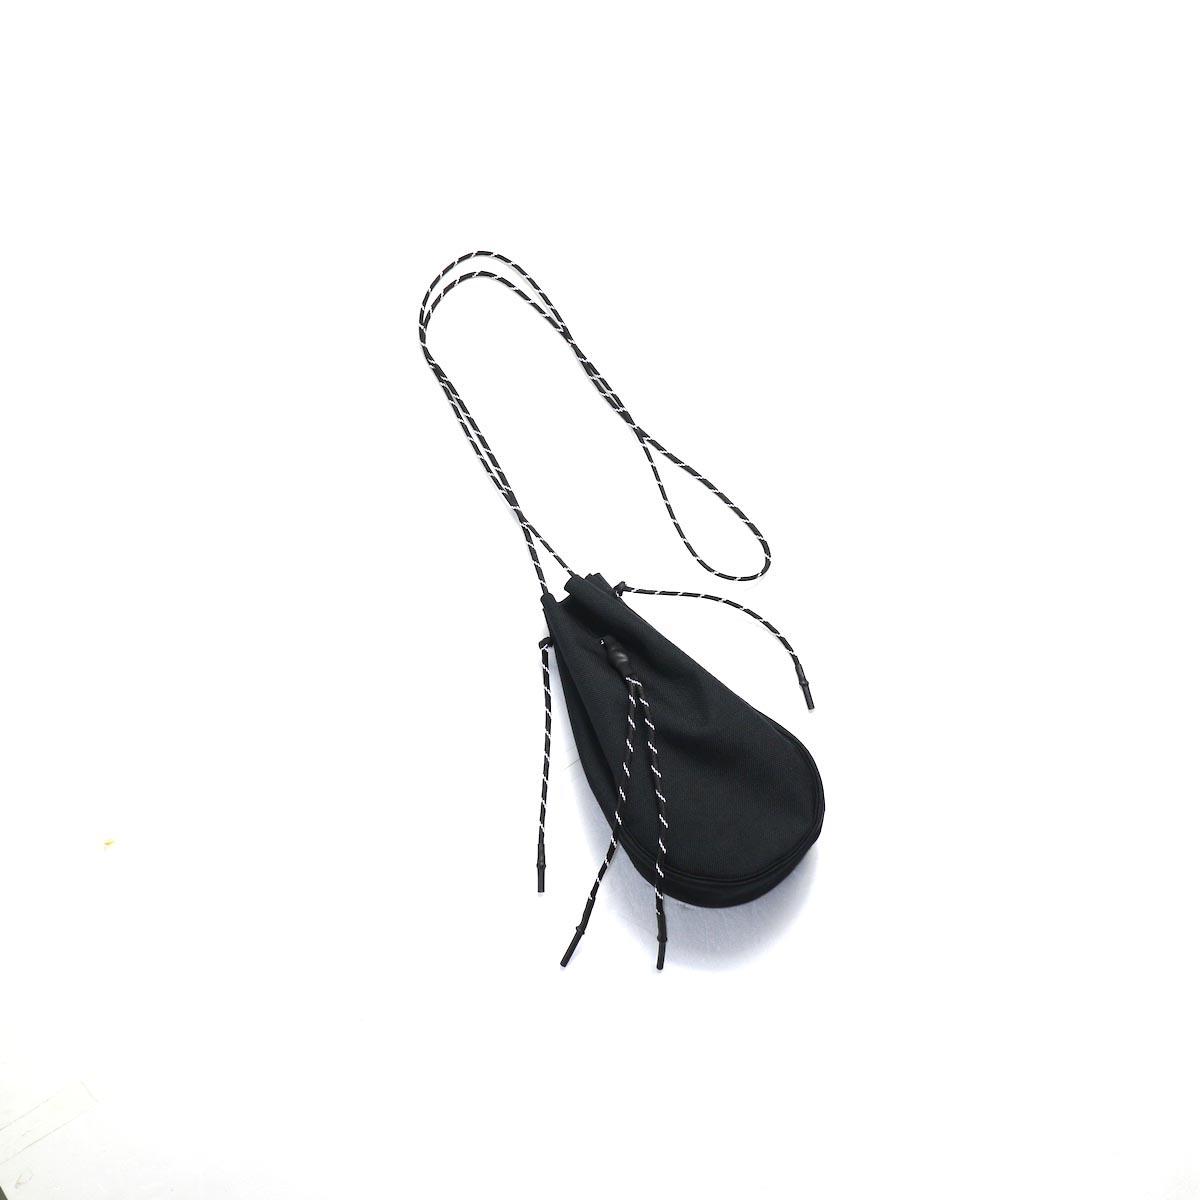 吉岡衣料店 / drawstring bag -S-. (Black)